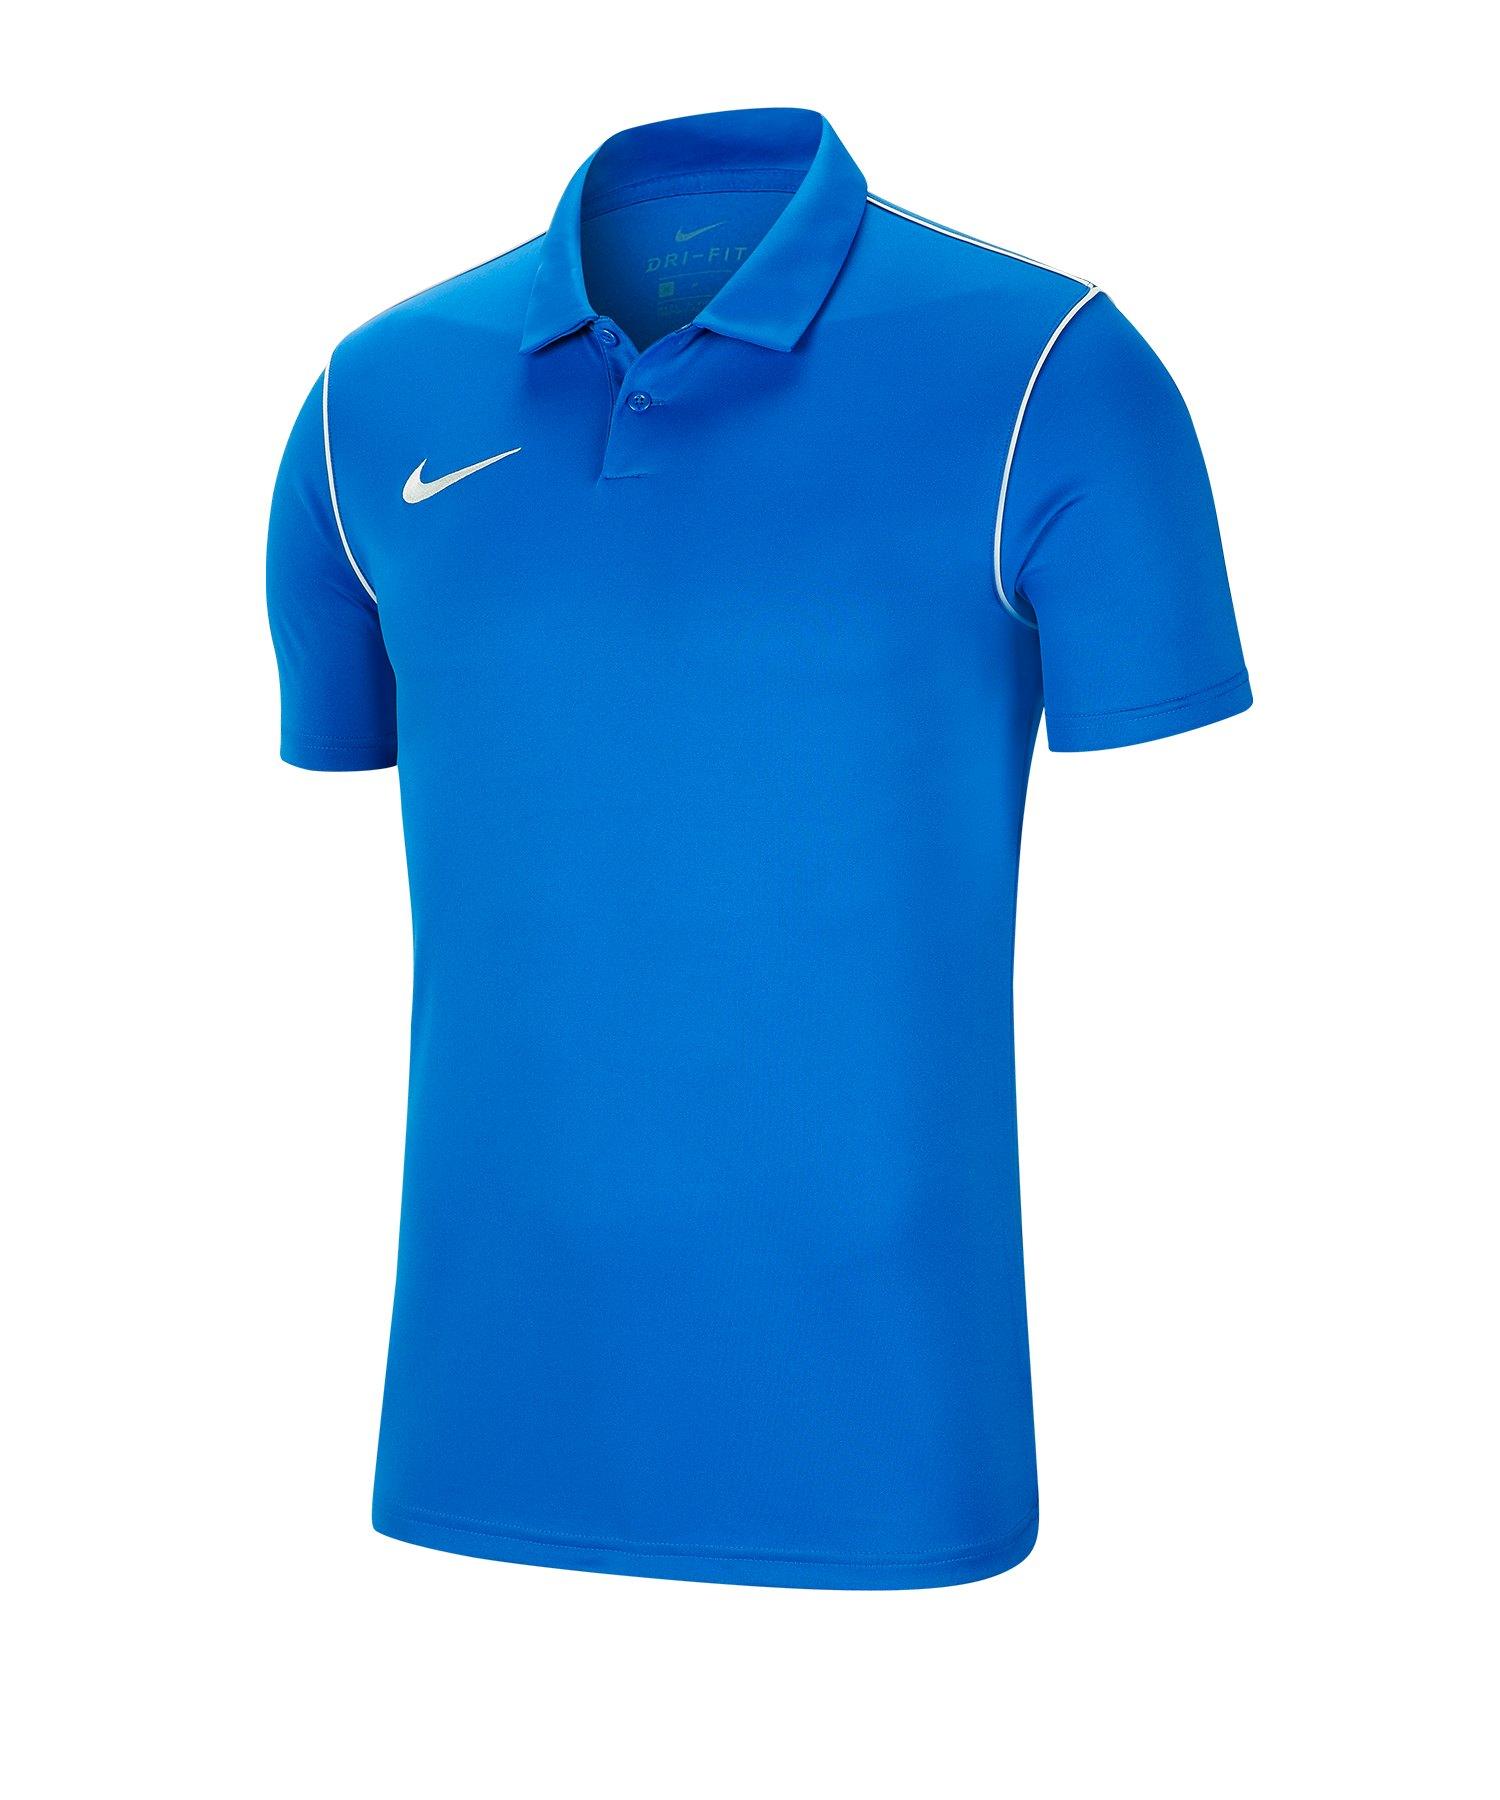 Nike Park 20 Poloshirt Blau F463 - blau